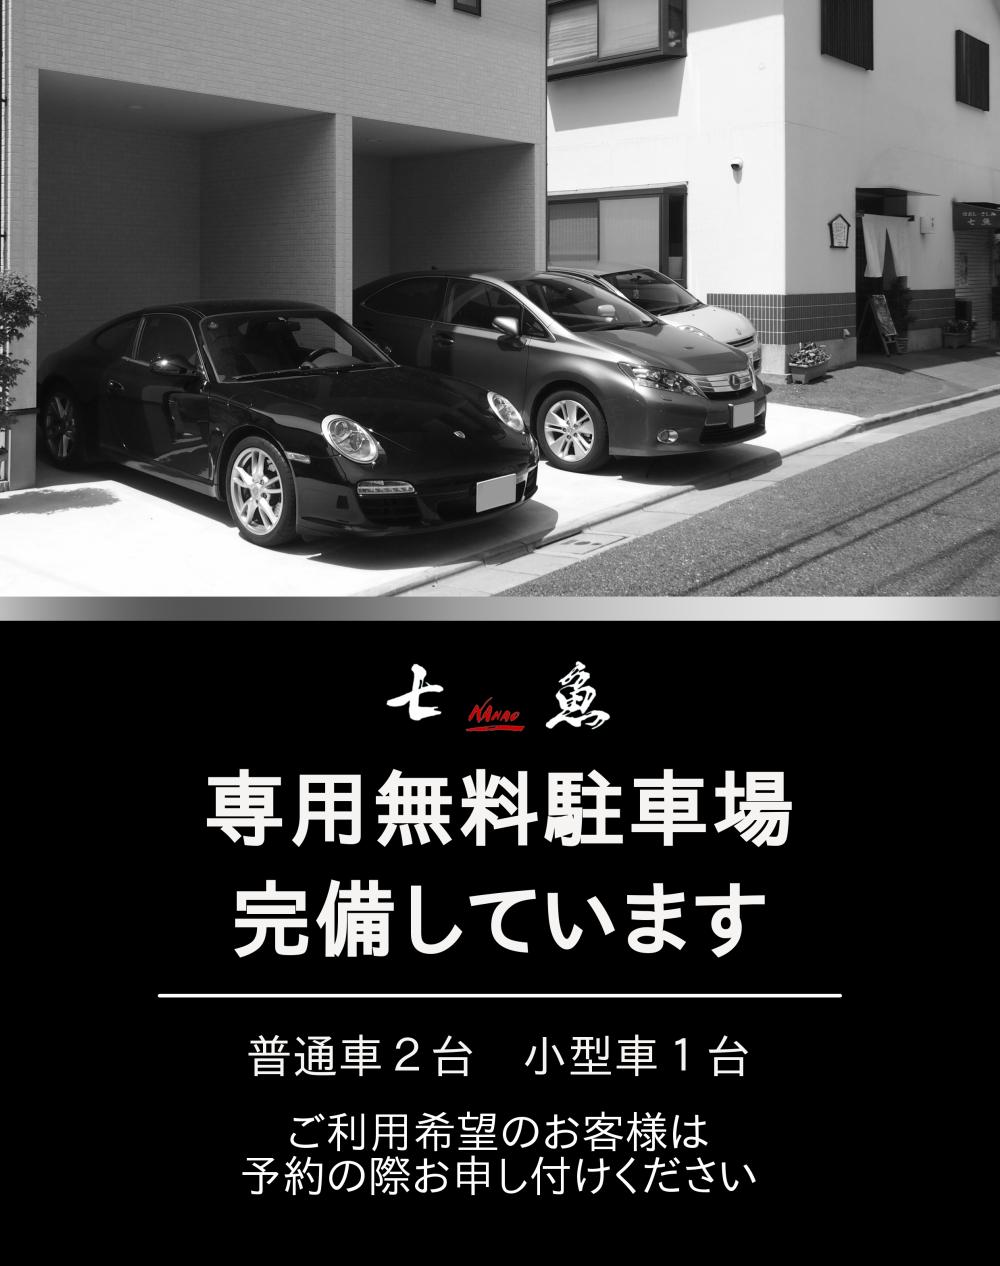 七魚の店内で法事の食事会【お斎】